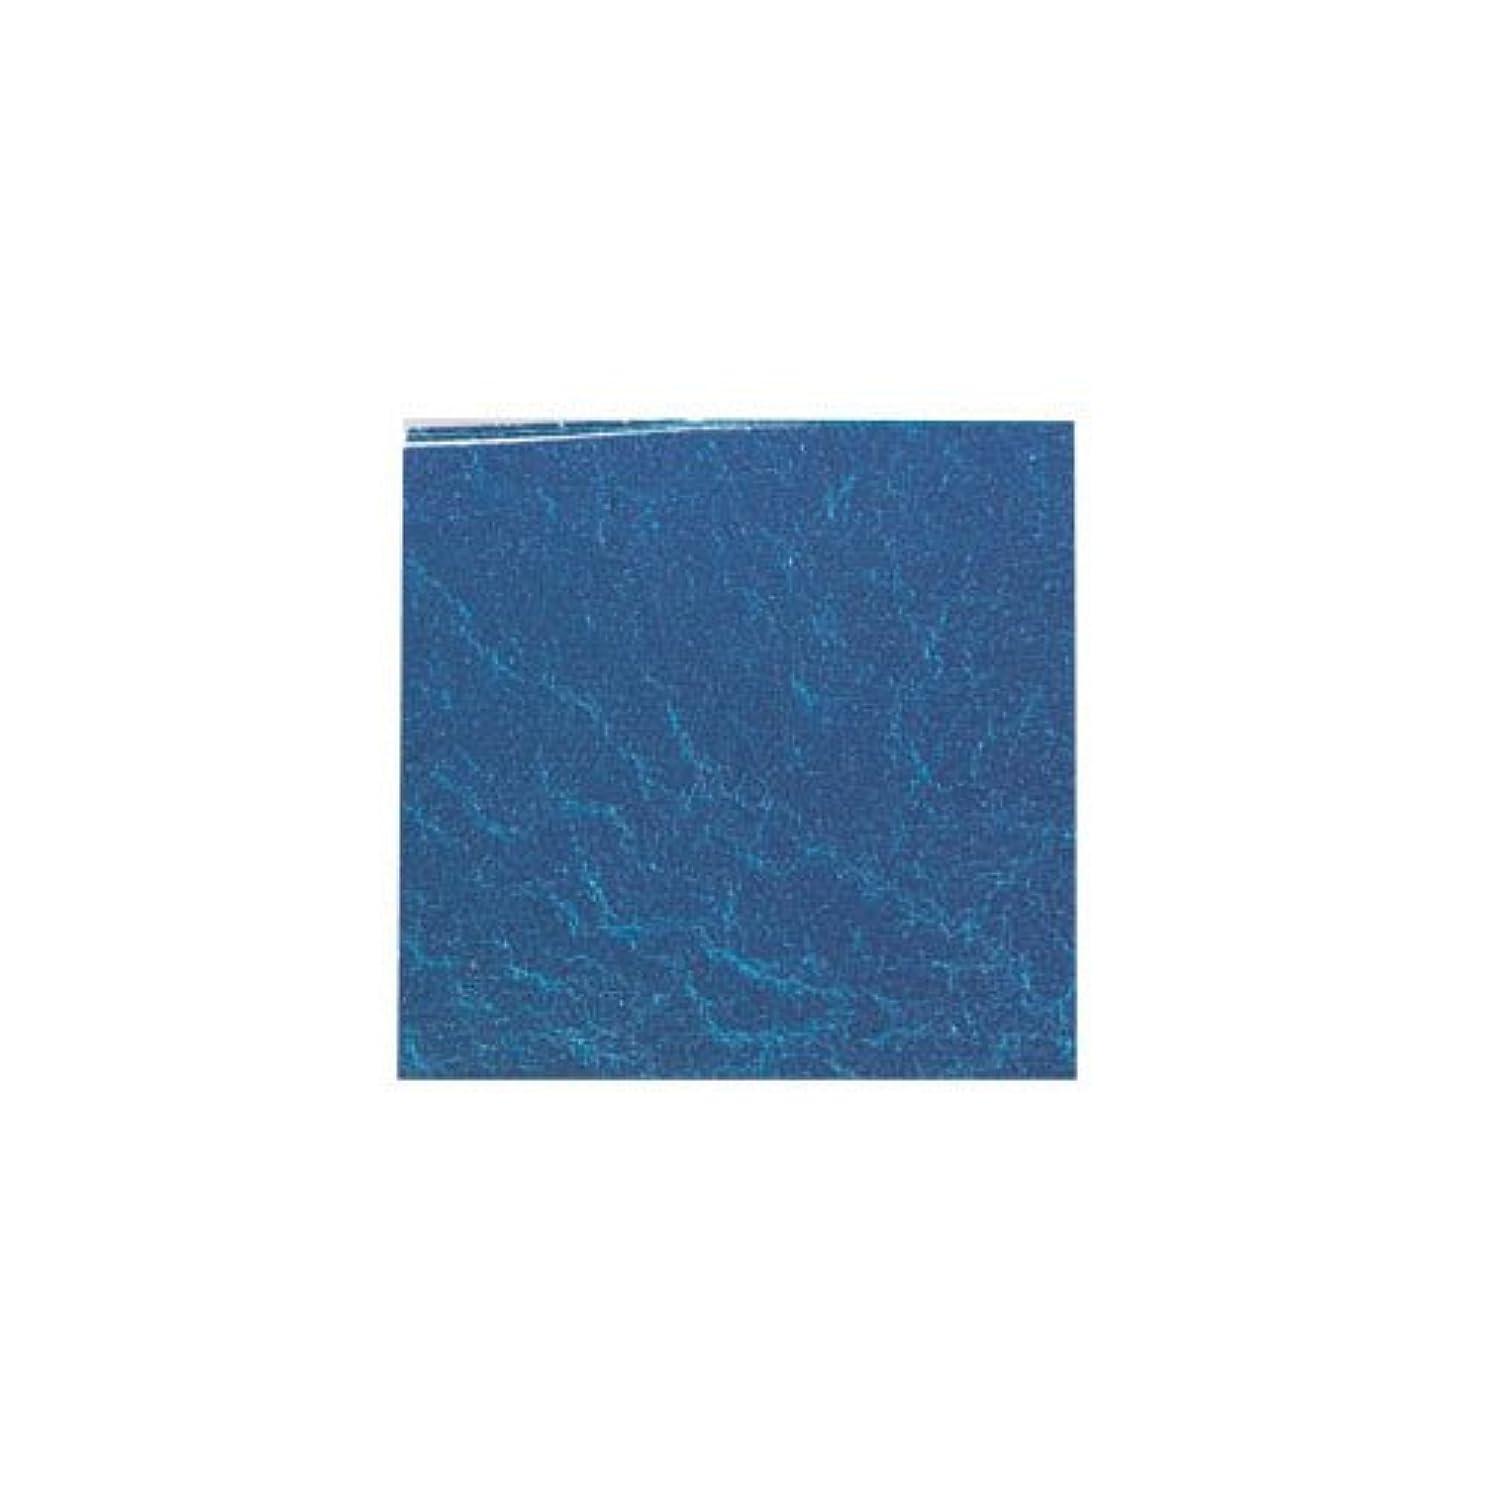 邪悪な歯車インカ帝国ピカエース ネイル用パウダー カラー純銀箔 #613 藍色 3.5㎜角×5枚